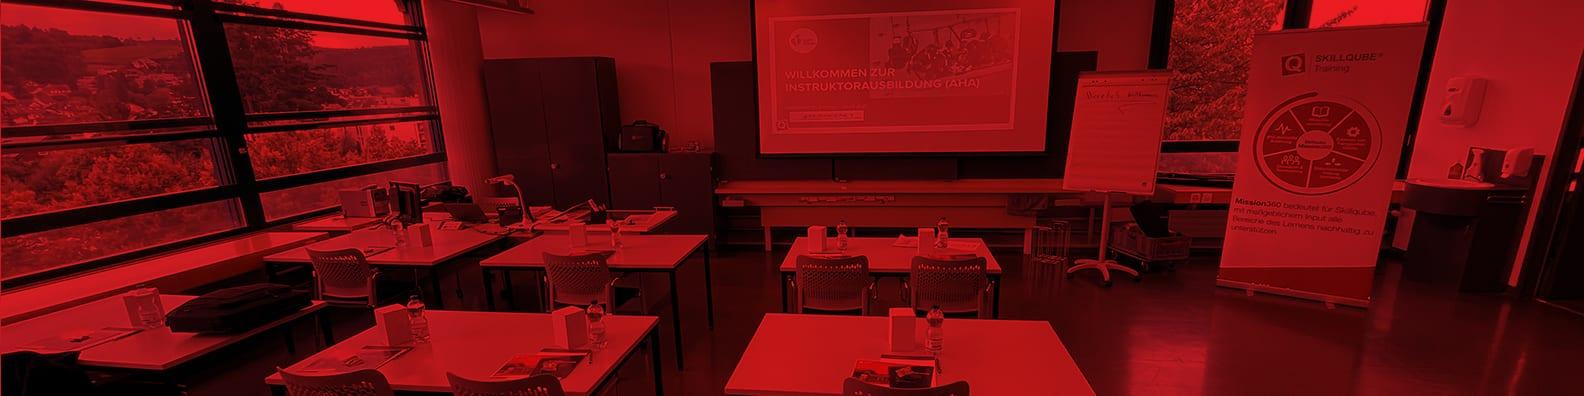 Erfolgreicher ACLS Provider Kurs beim langjährigen Partner von SKILLQUBE der Europäischen Fachhochschule Rhein/Erft